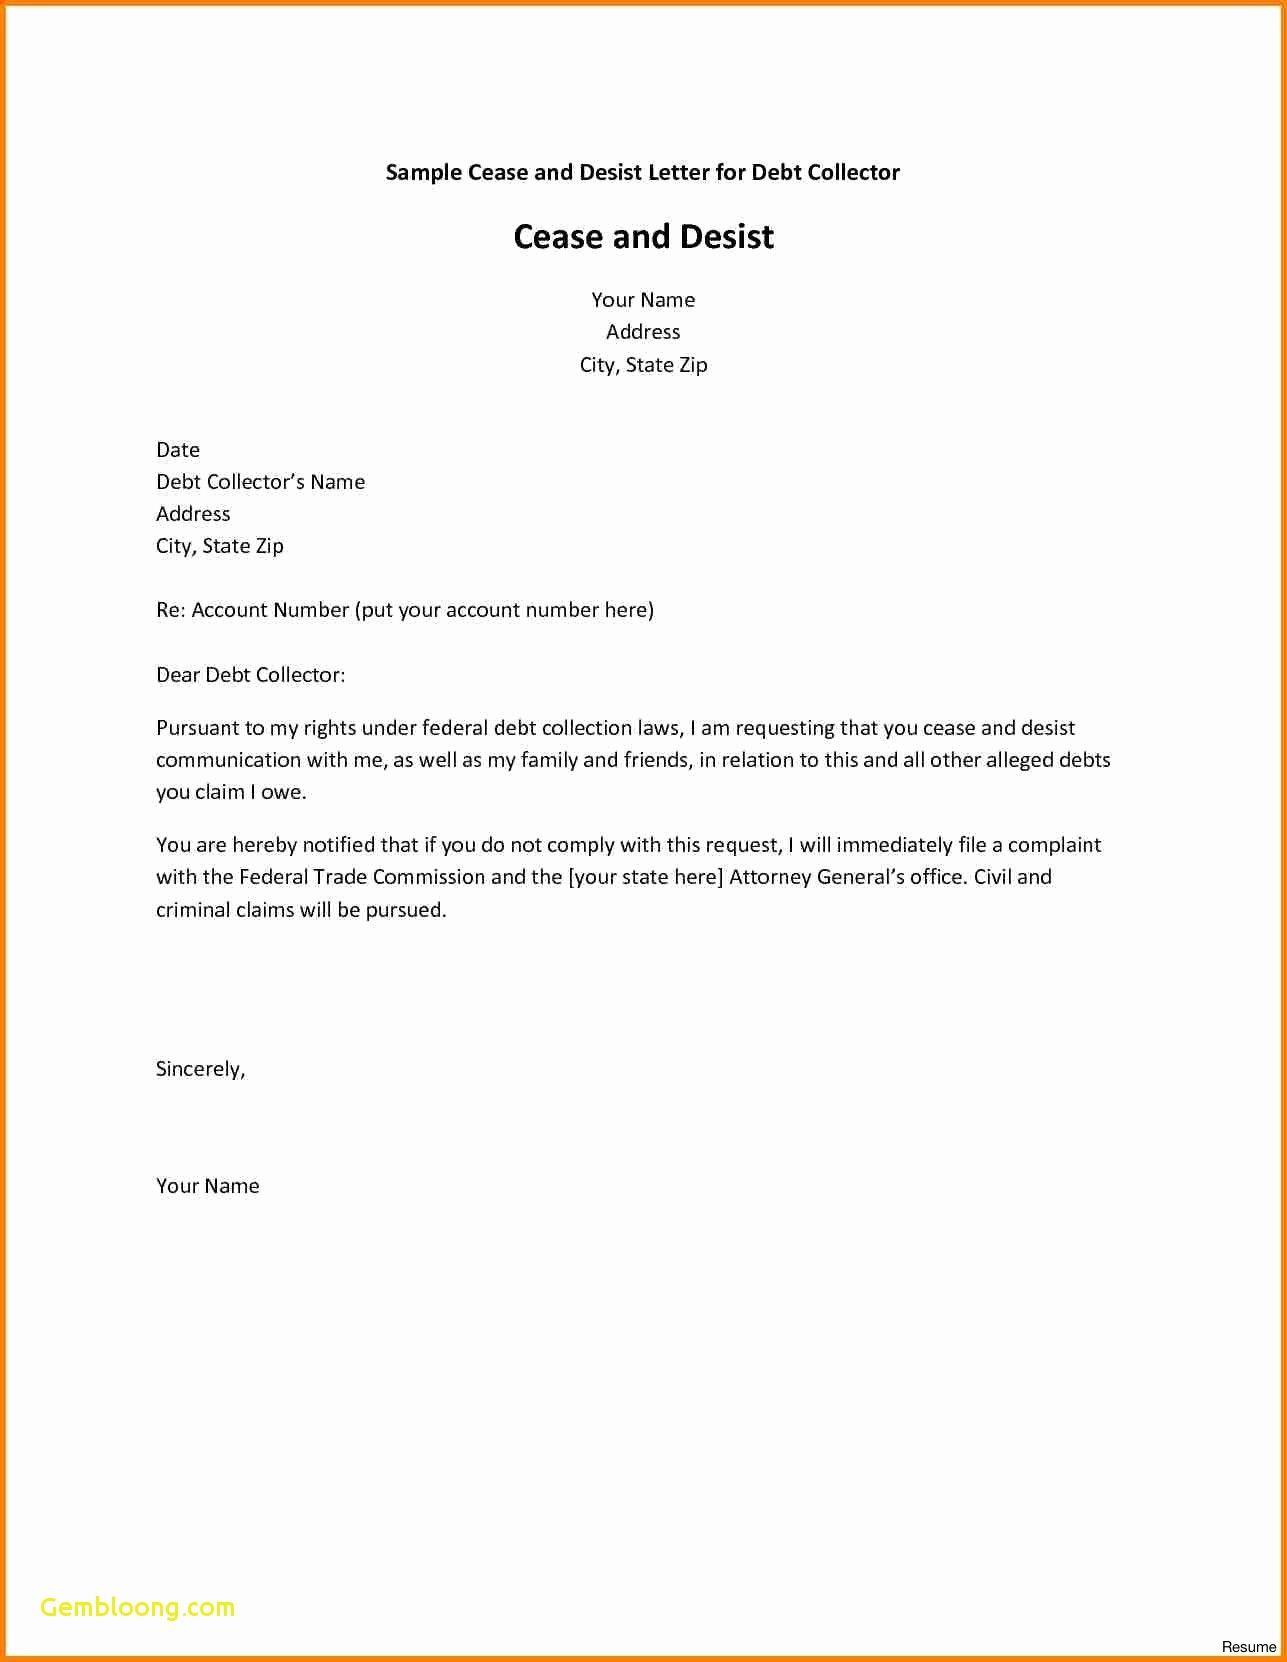 23 Dental Assistant Cover Letter Dental Assistant Cover Letter